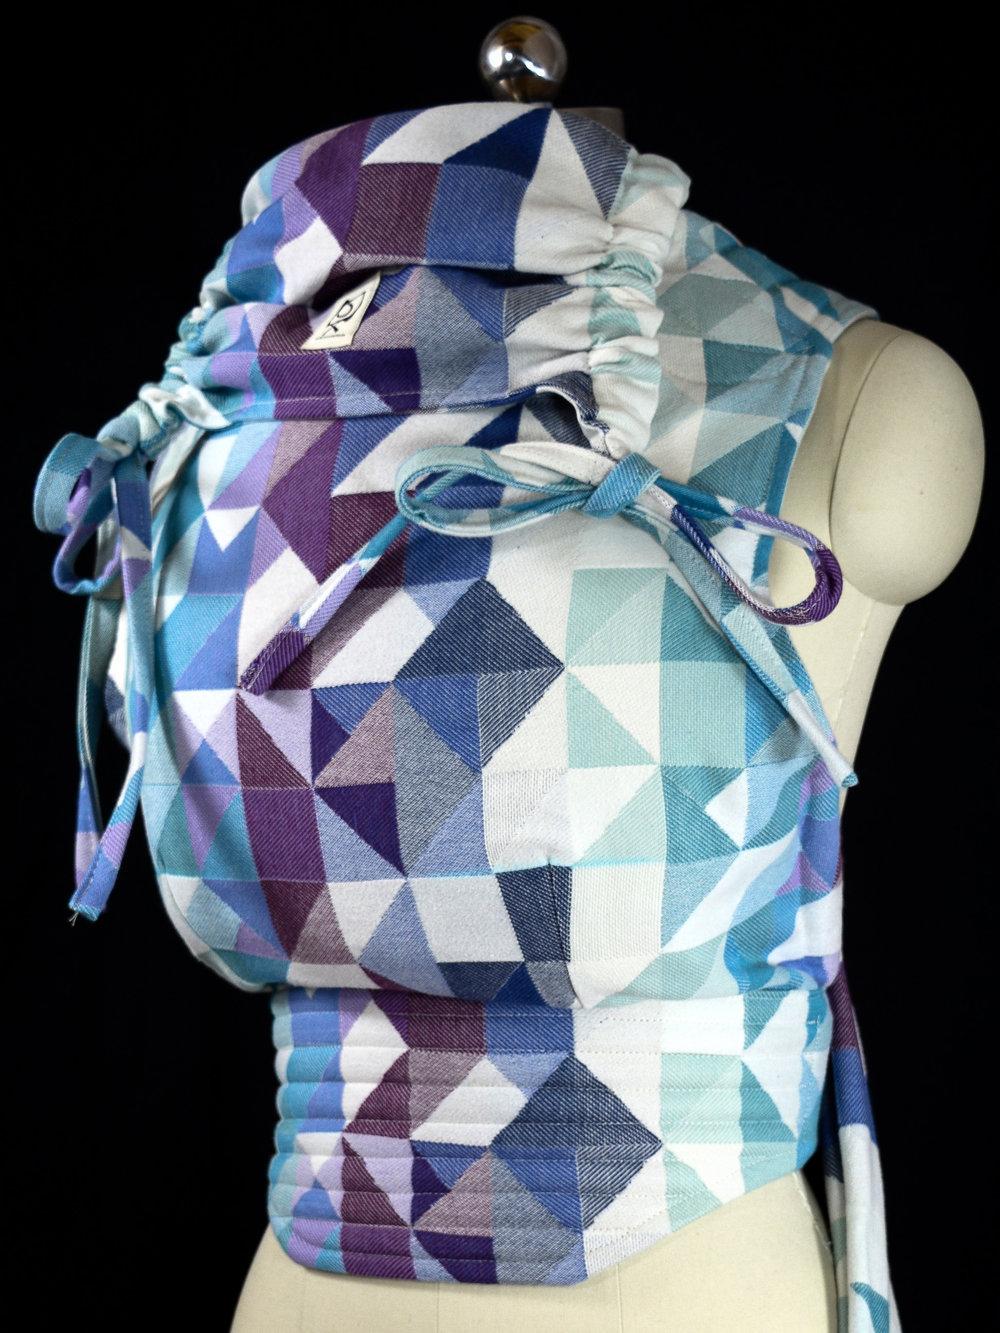 ObiMama WCMT/WCMD Ankalia Textiles' Mako